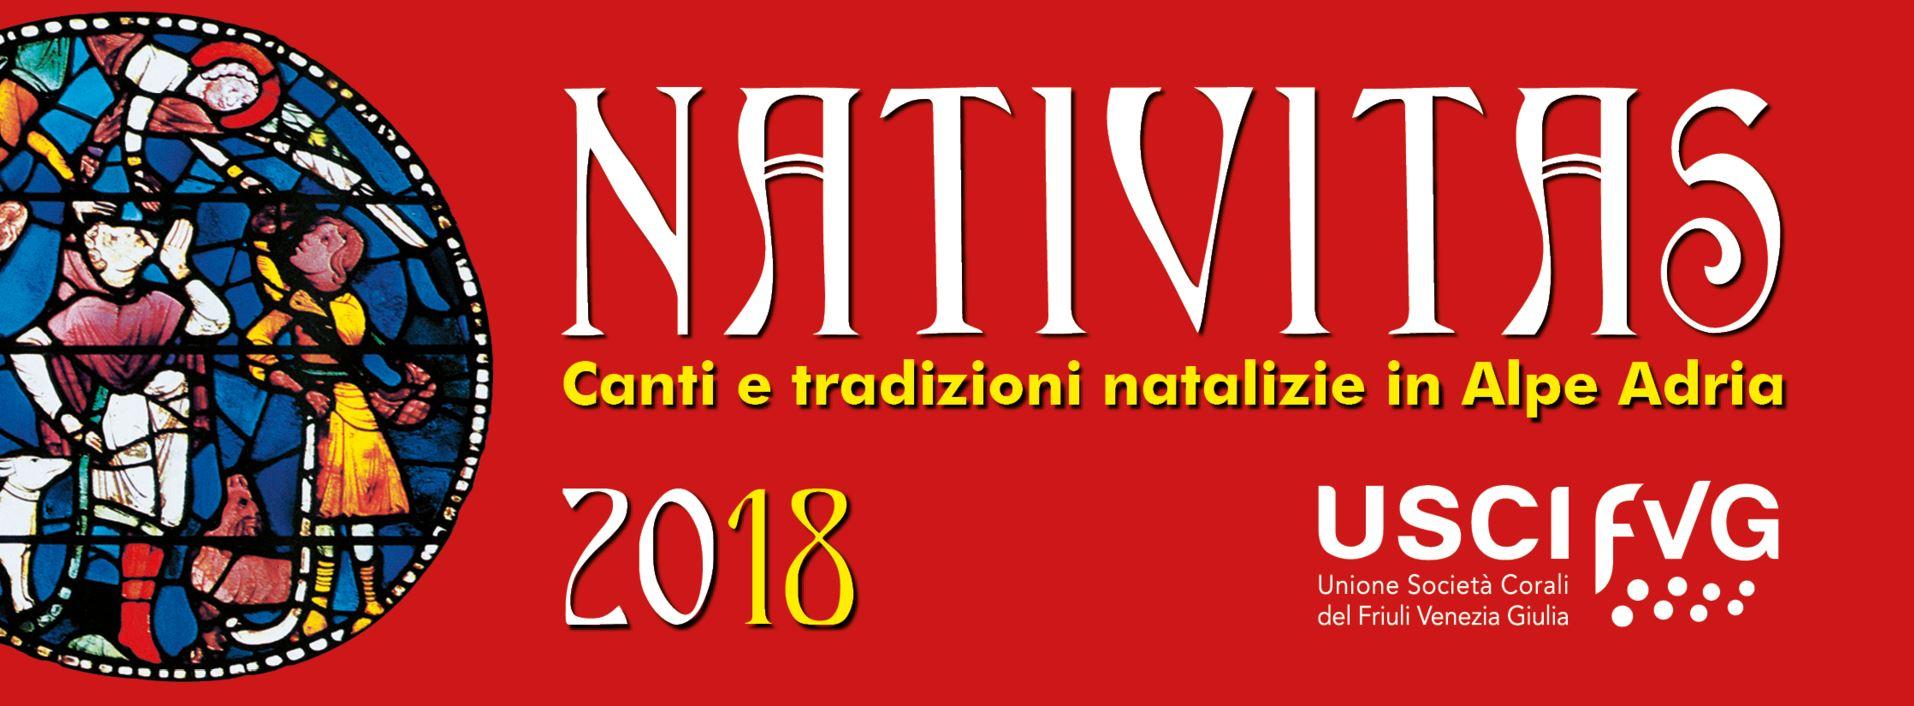 Nativitas: Canti e tradizioni natalizie in Alpe Adria